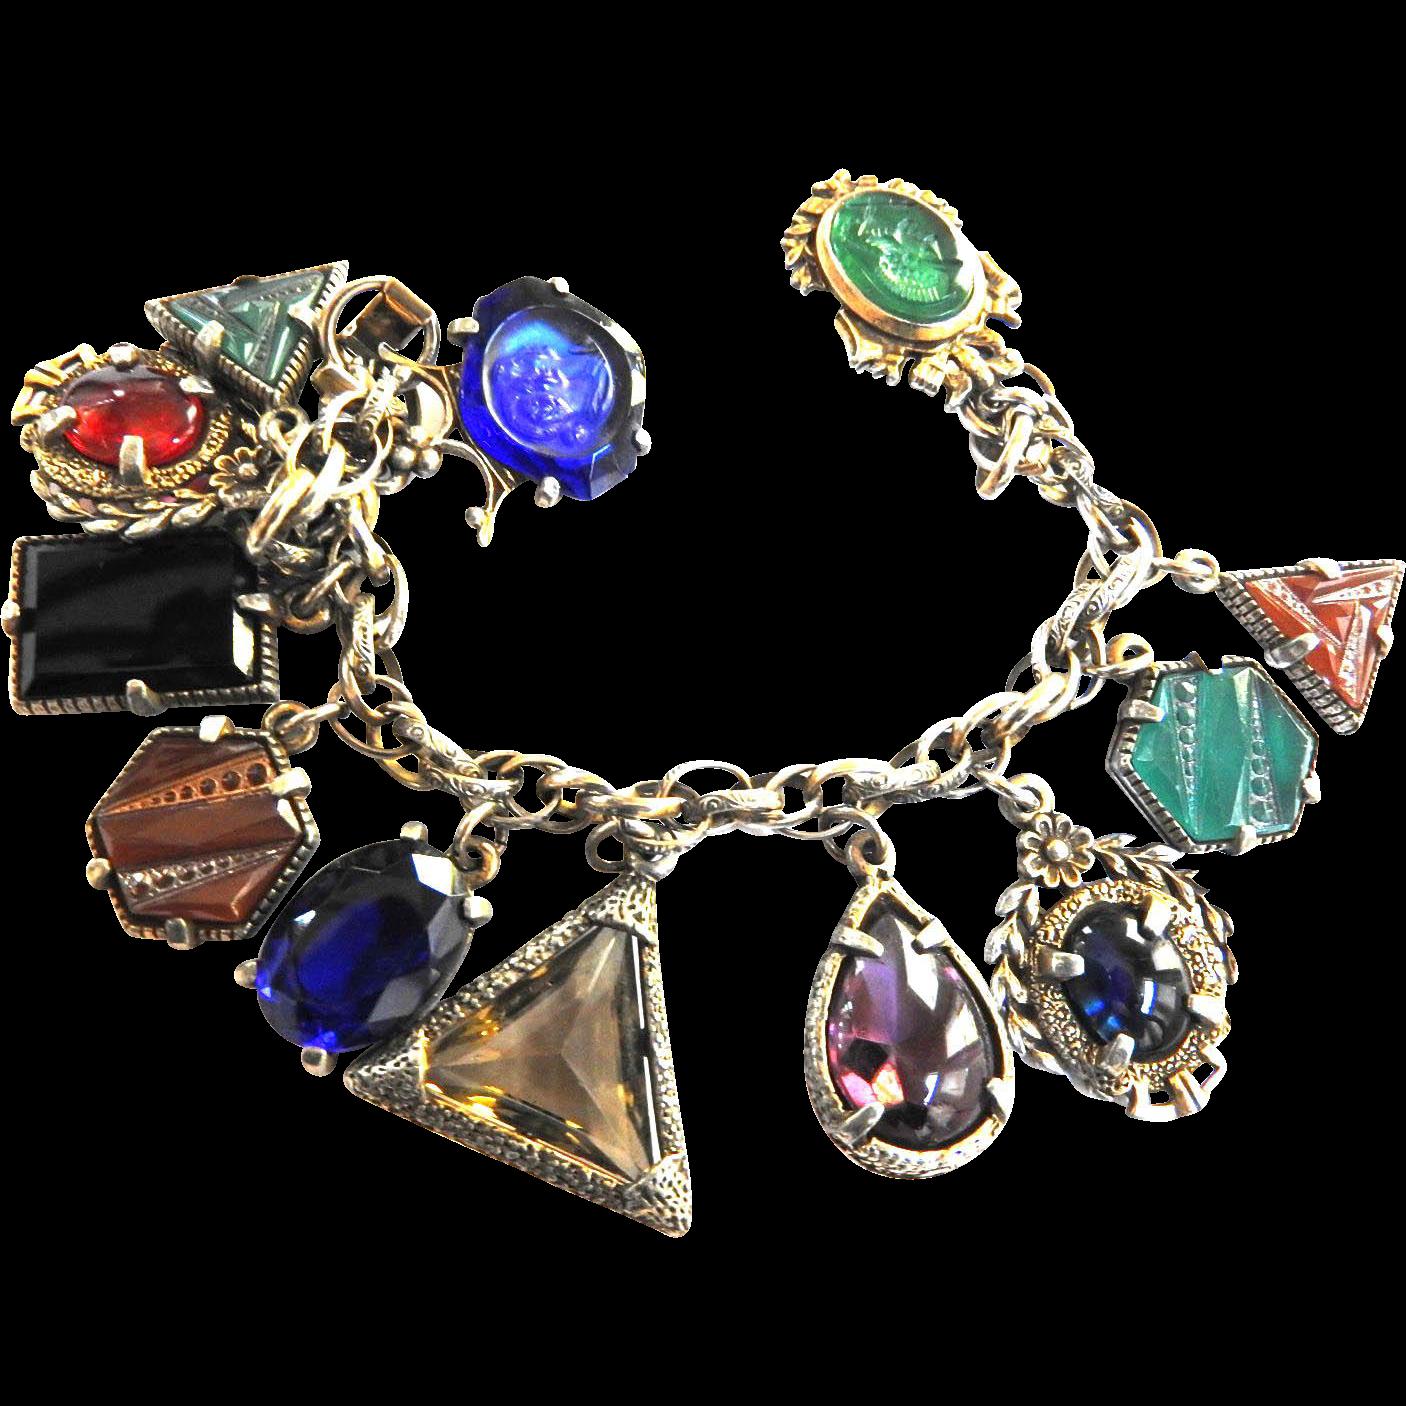 Vintage Fob Glass Charm Vintage Bracelet